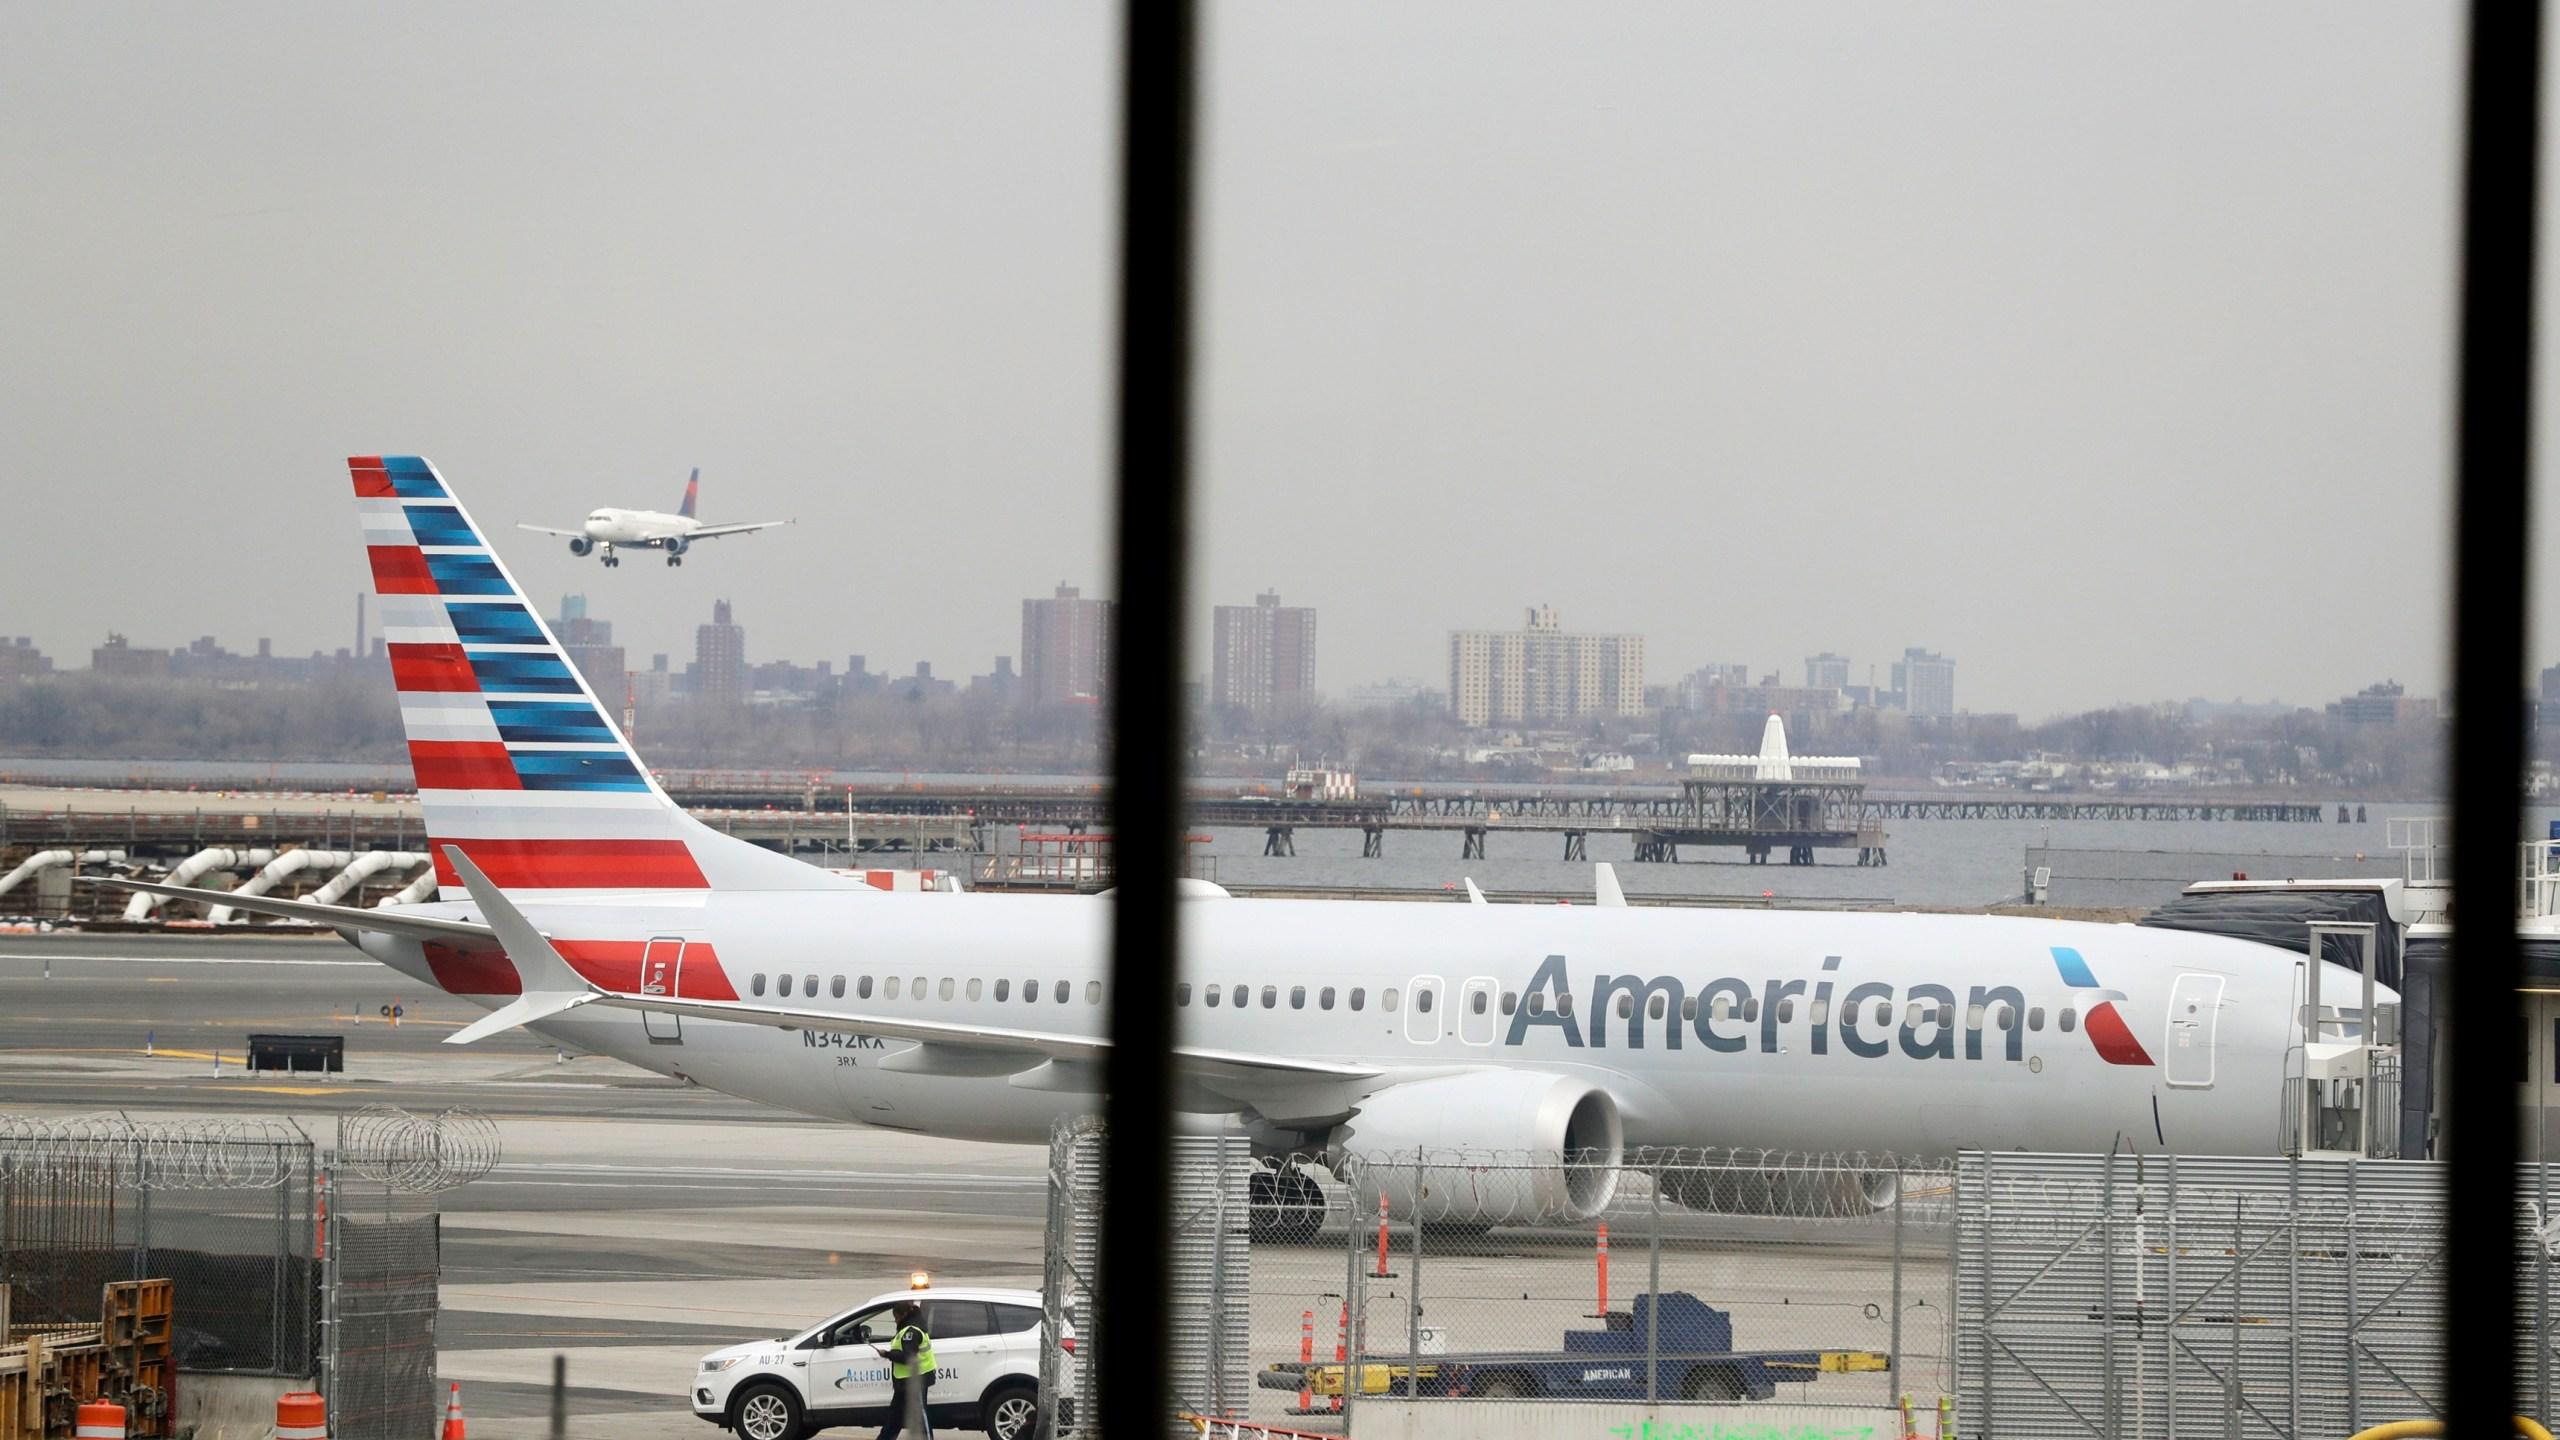 Boeing_American_Airlines_94123-159532.jpg23332441